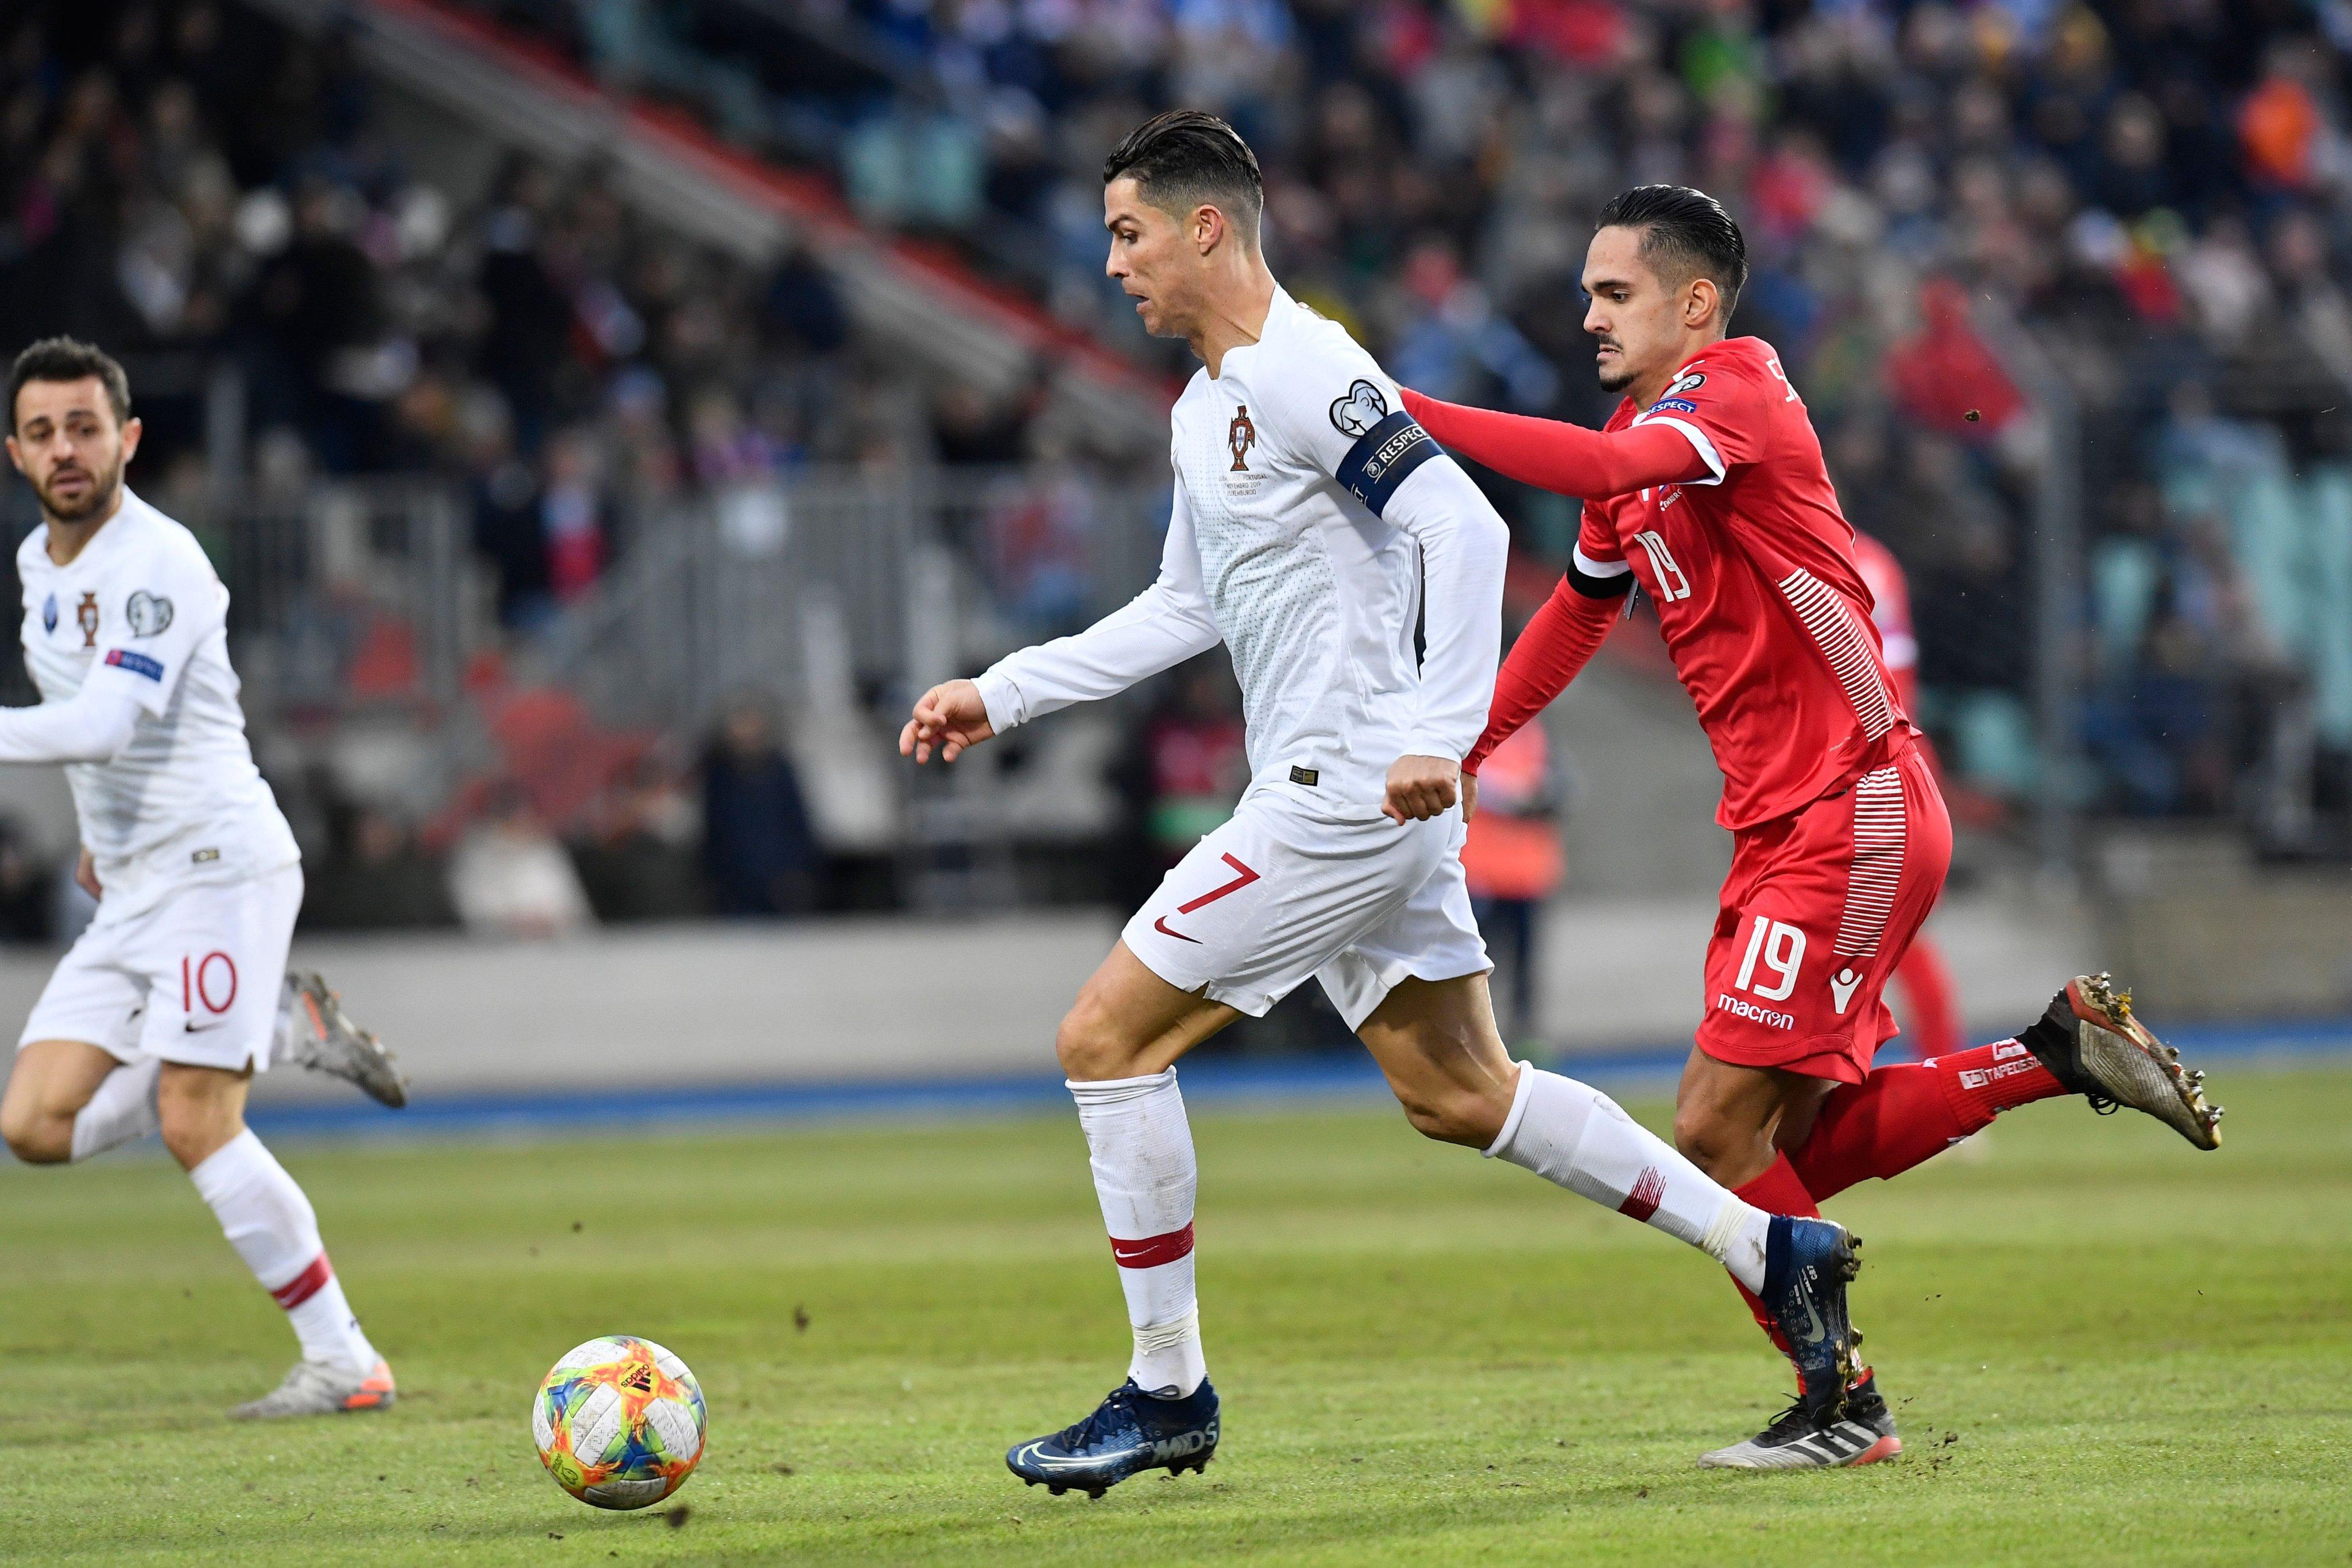 بقيادة رونالدو البرتغال تتأهل إلى كأس الأمم الأوروبية 2020 على حساب لوكسمبورج